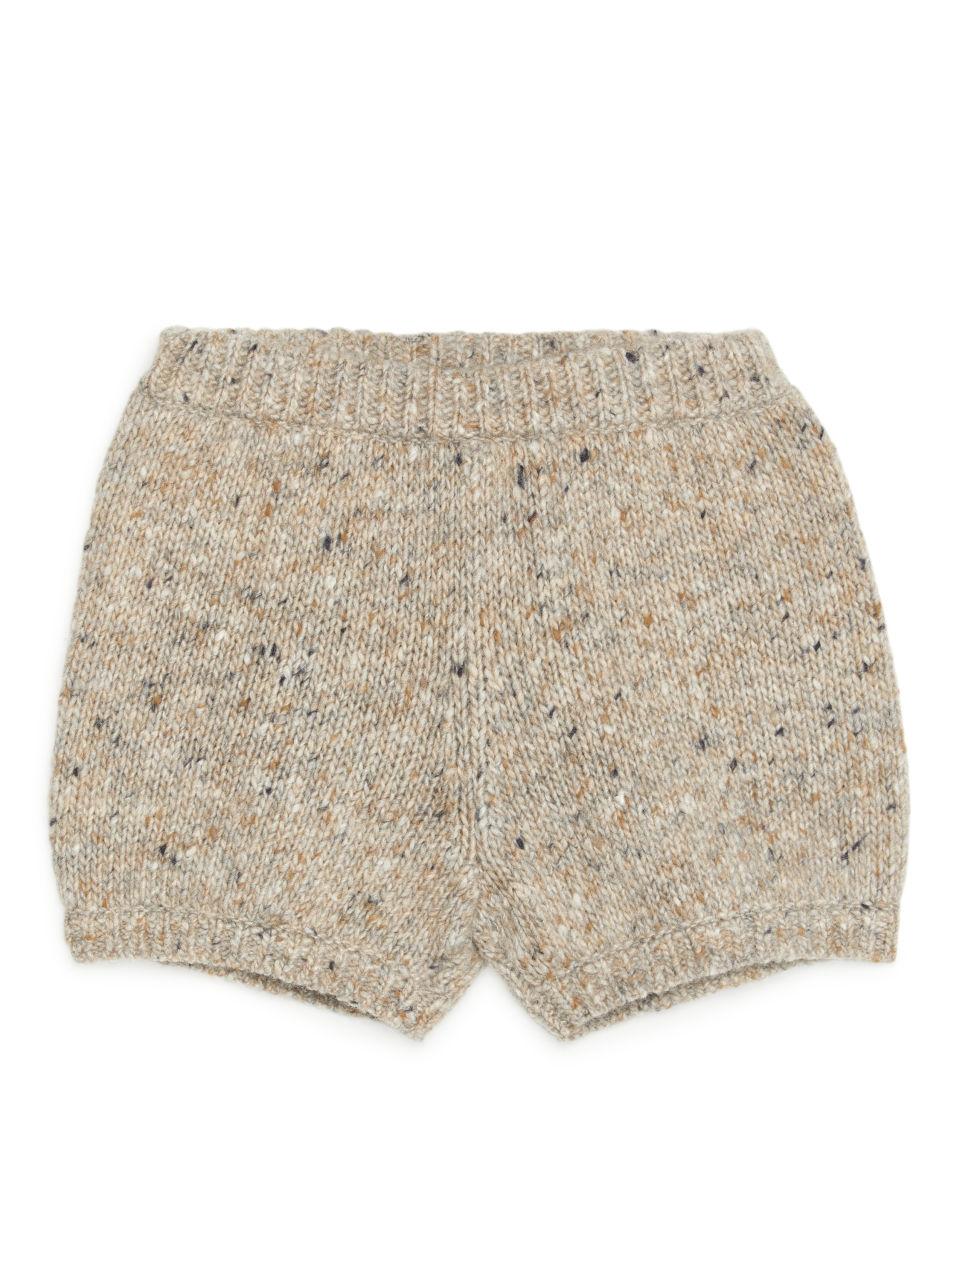 Merino Wool Bloomers - Beige